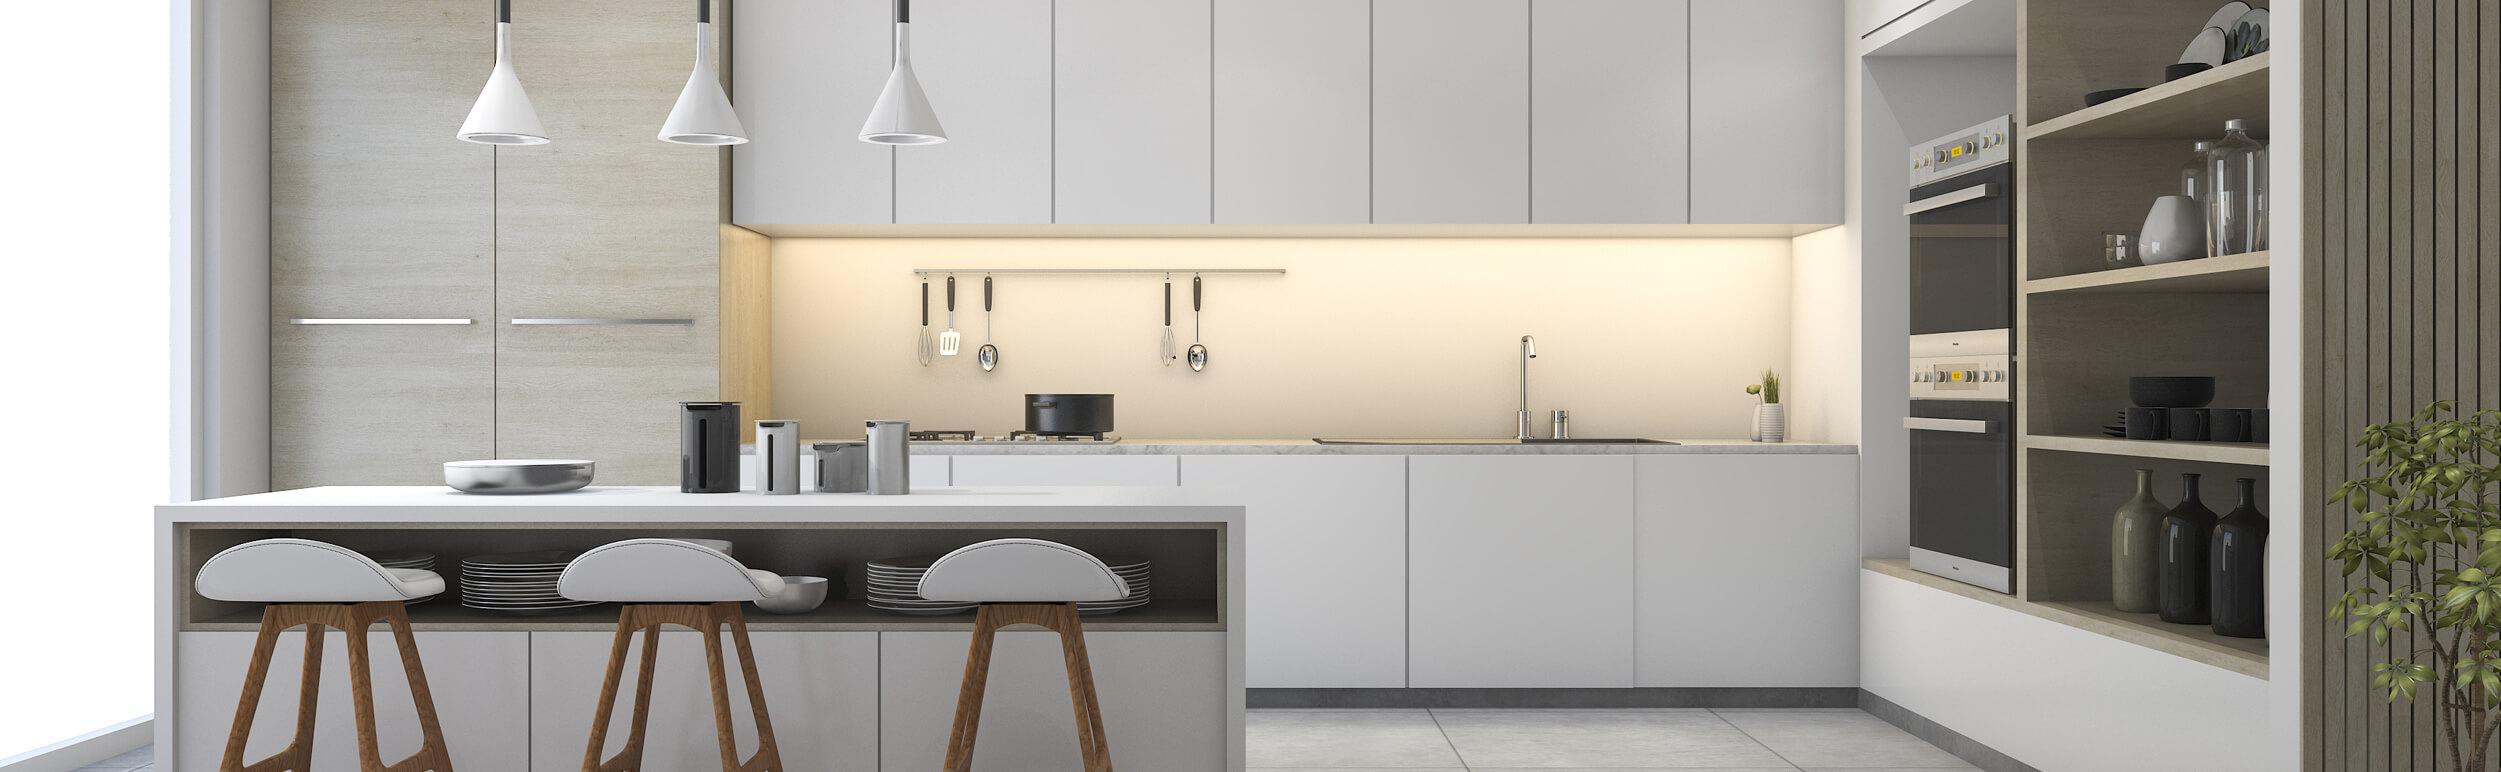 ser-0008-kitchen